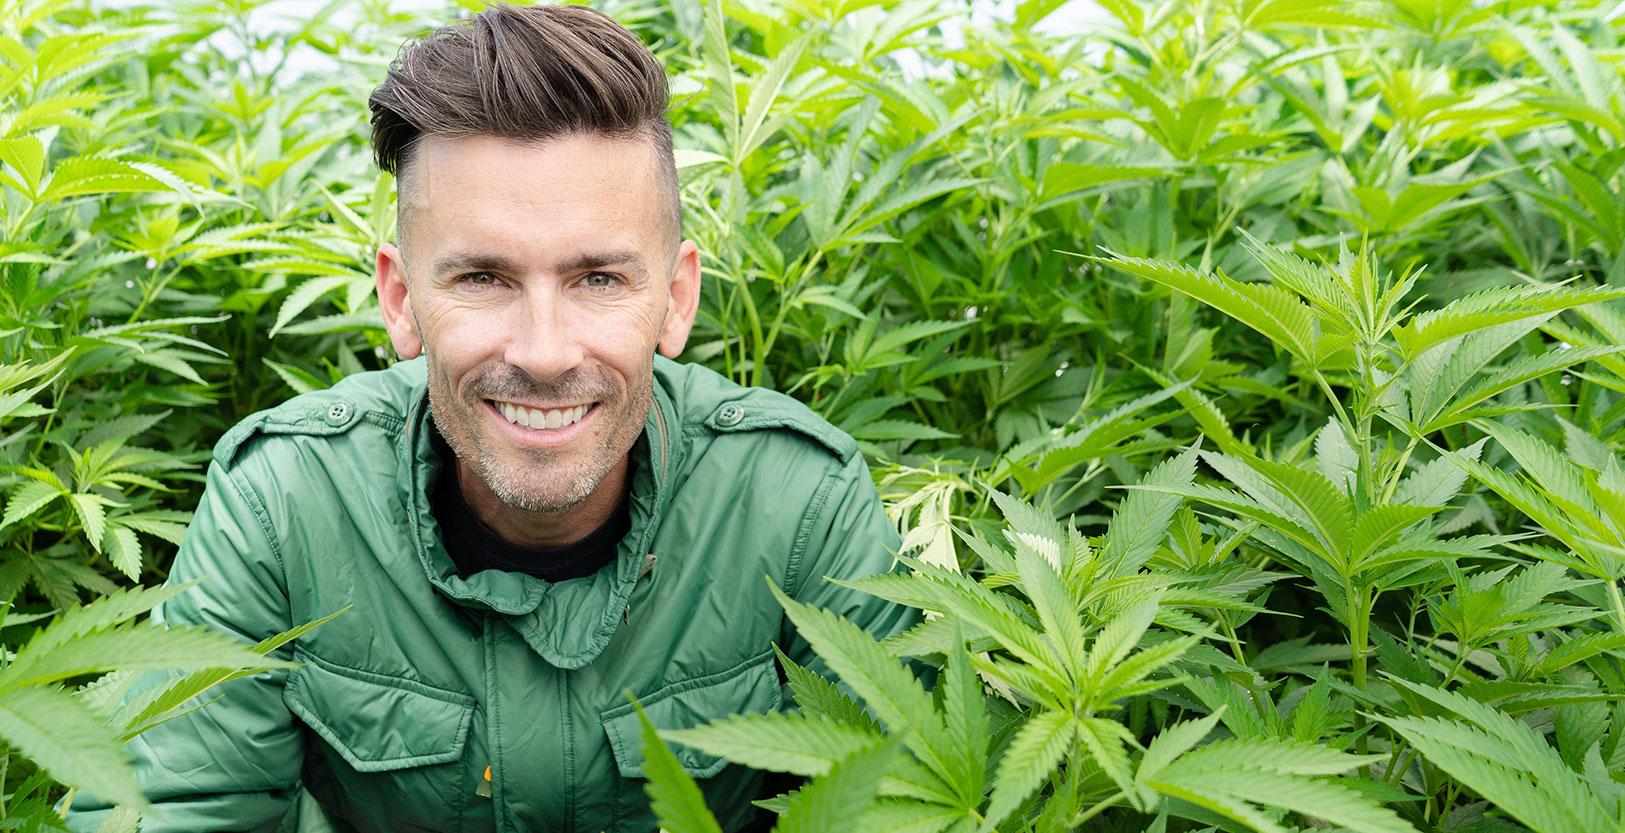 DOPE Interviews | Christian Cannabis Founder Craig Gross